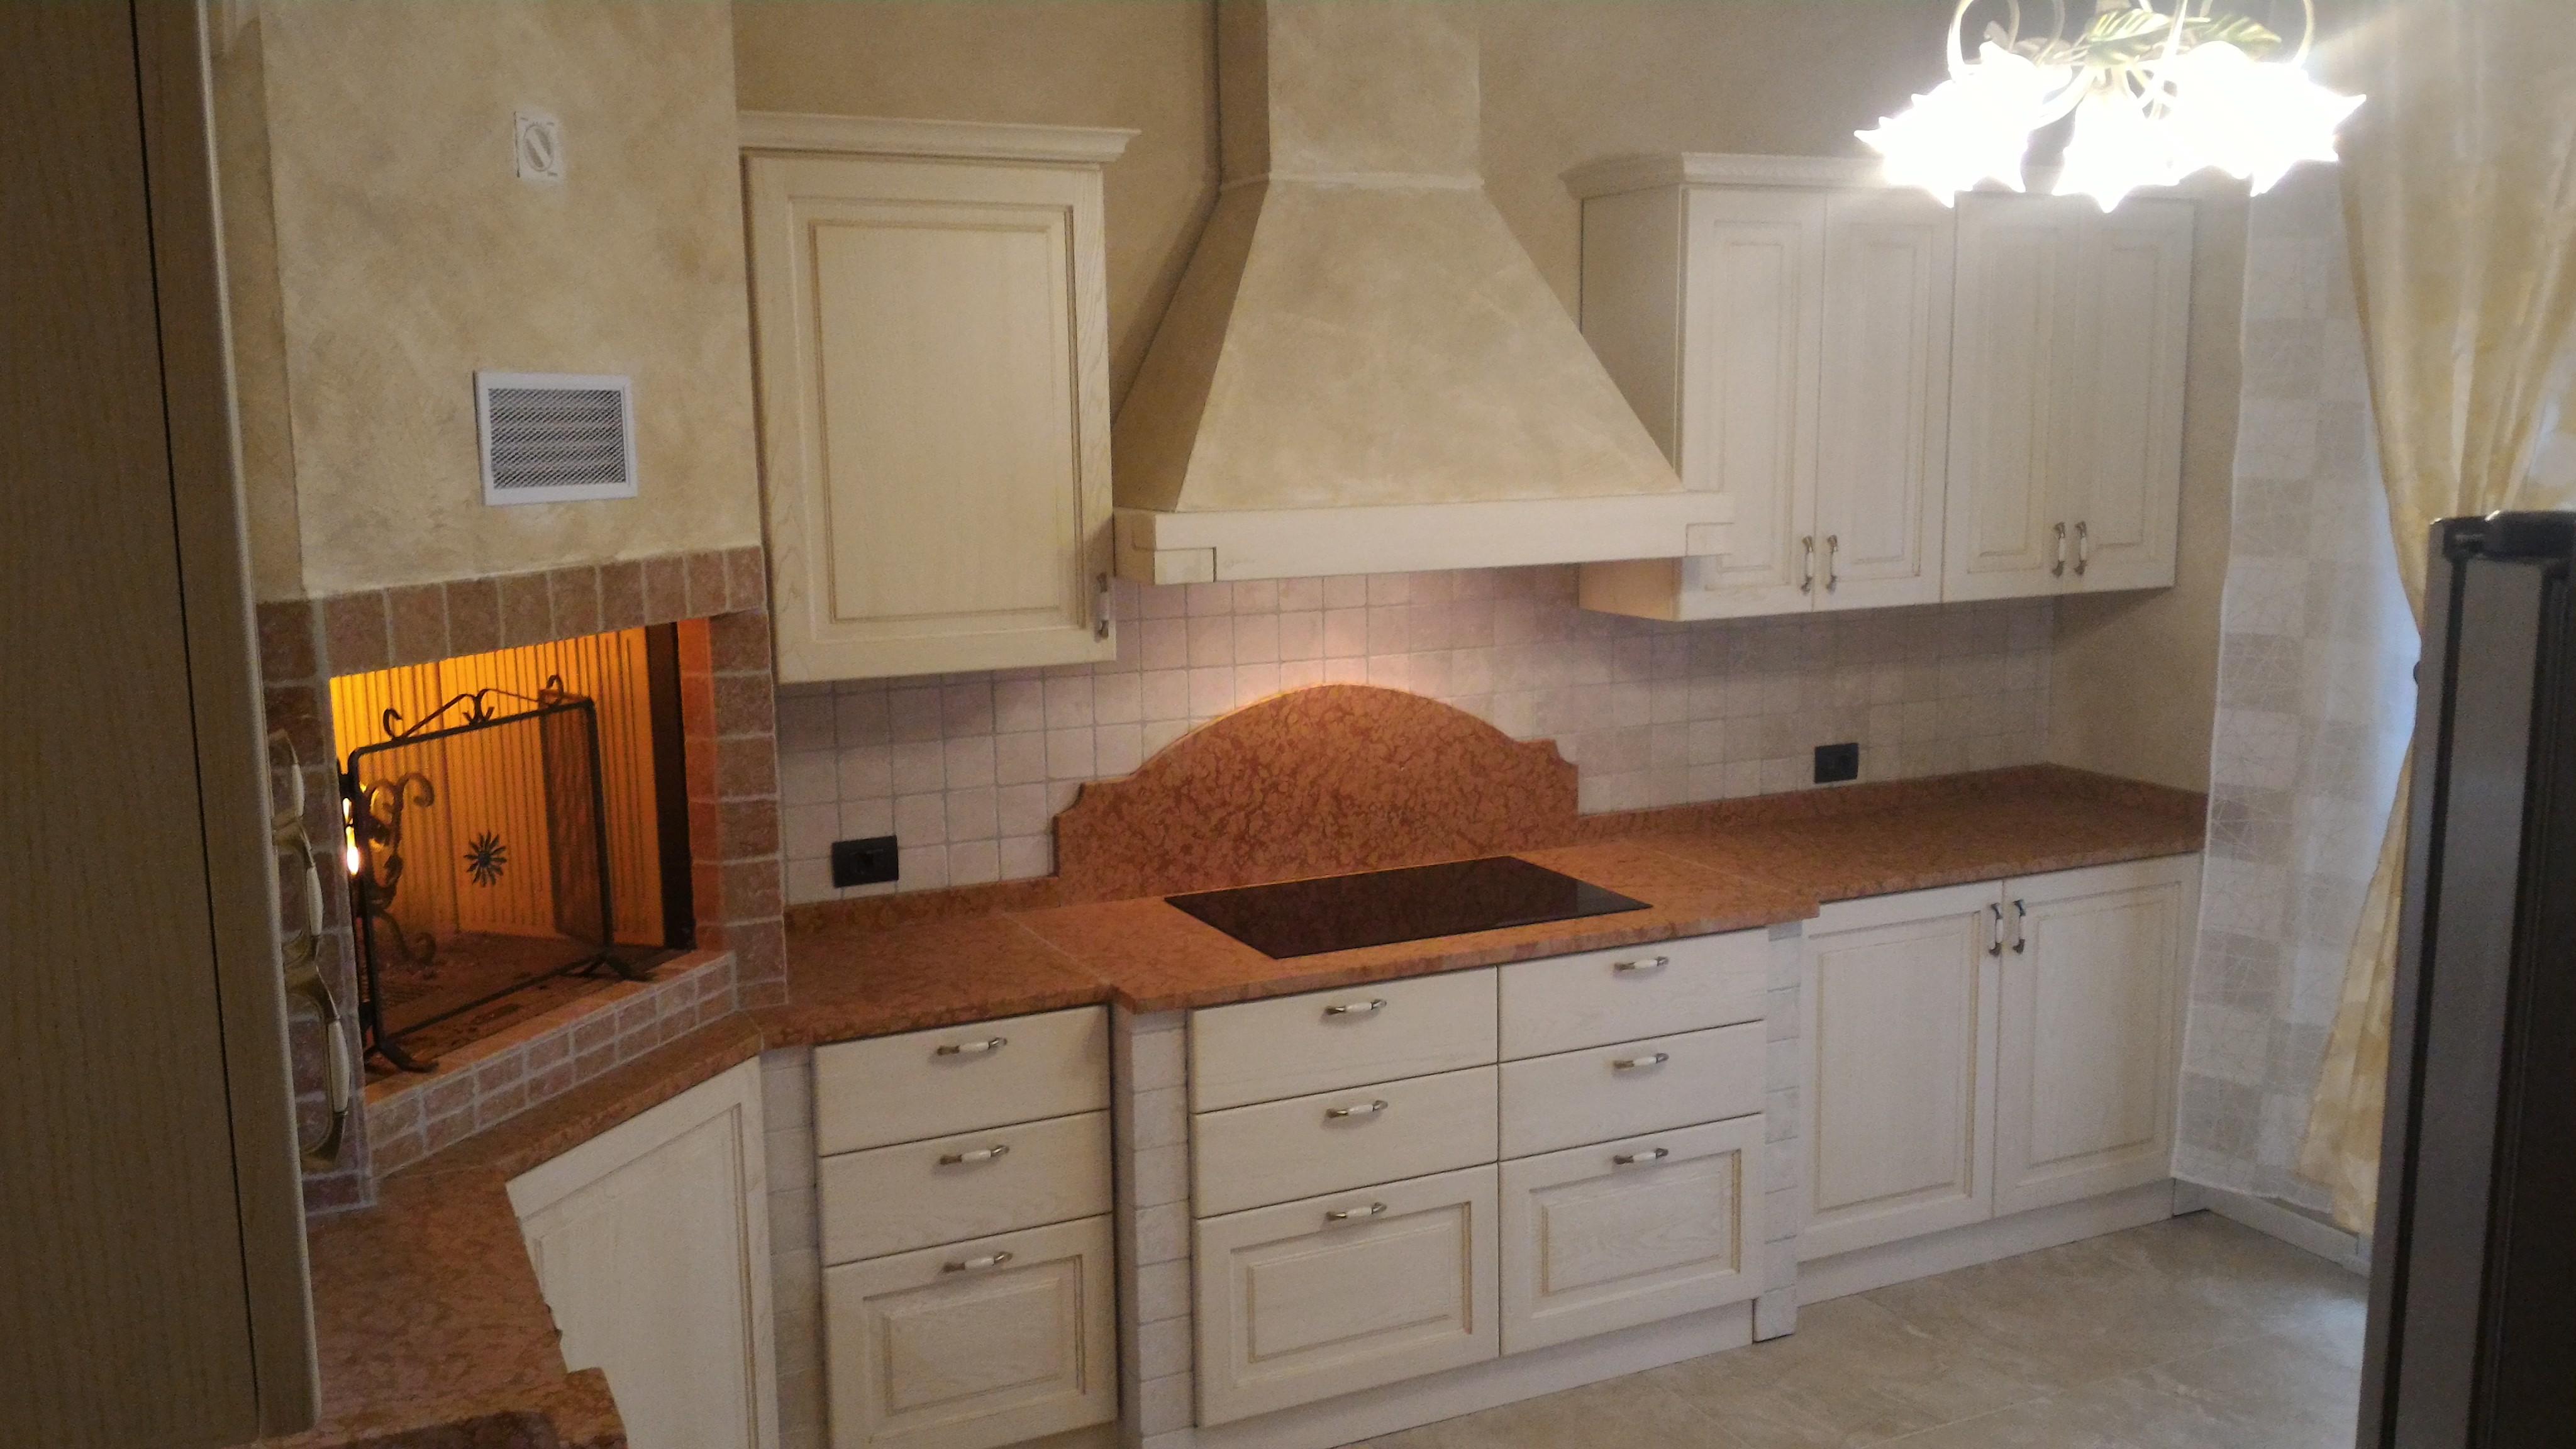 Panca per cucina moderna - Mobili cucina ad angolo ...